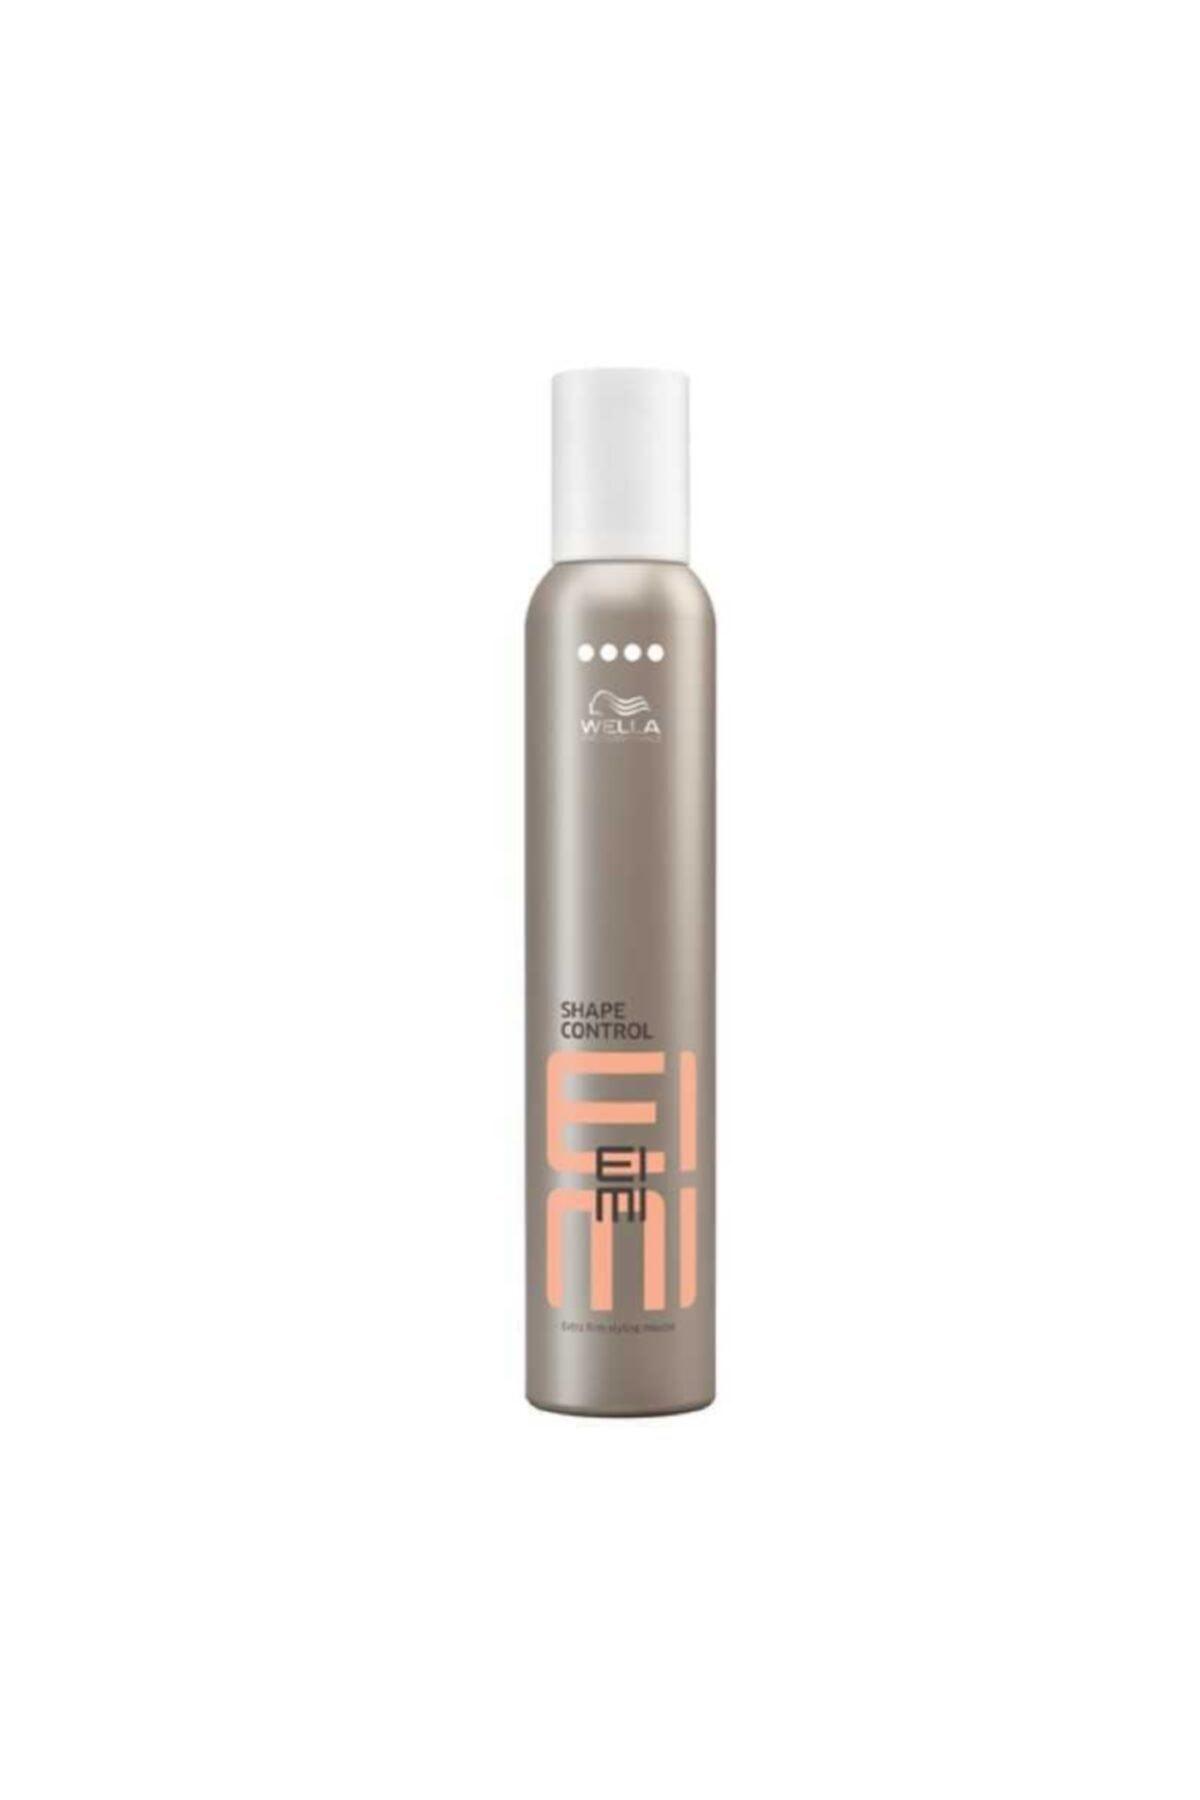 Wella Eımı Shape Control - Ekstra Güçlü Şekillendirici Köpük 300 ml 1